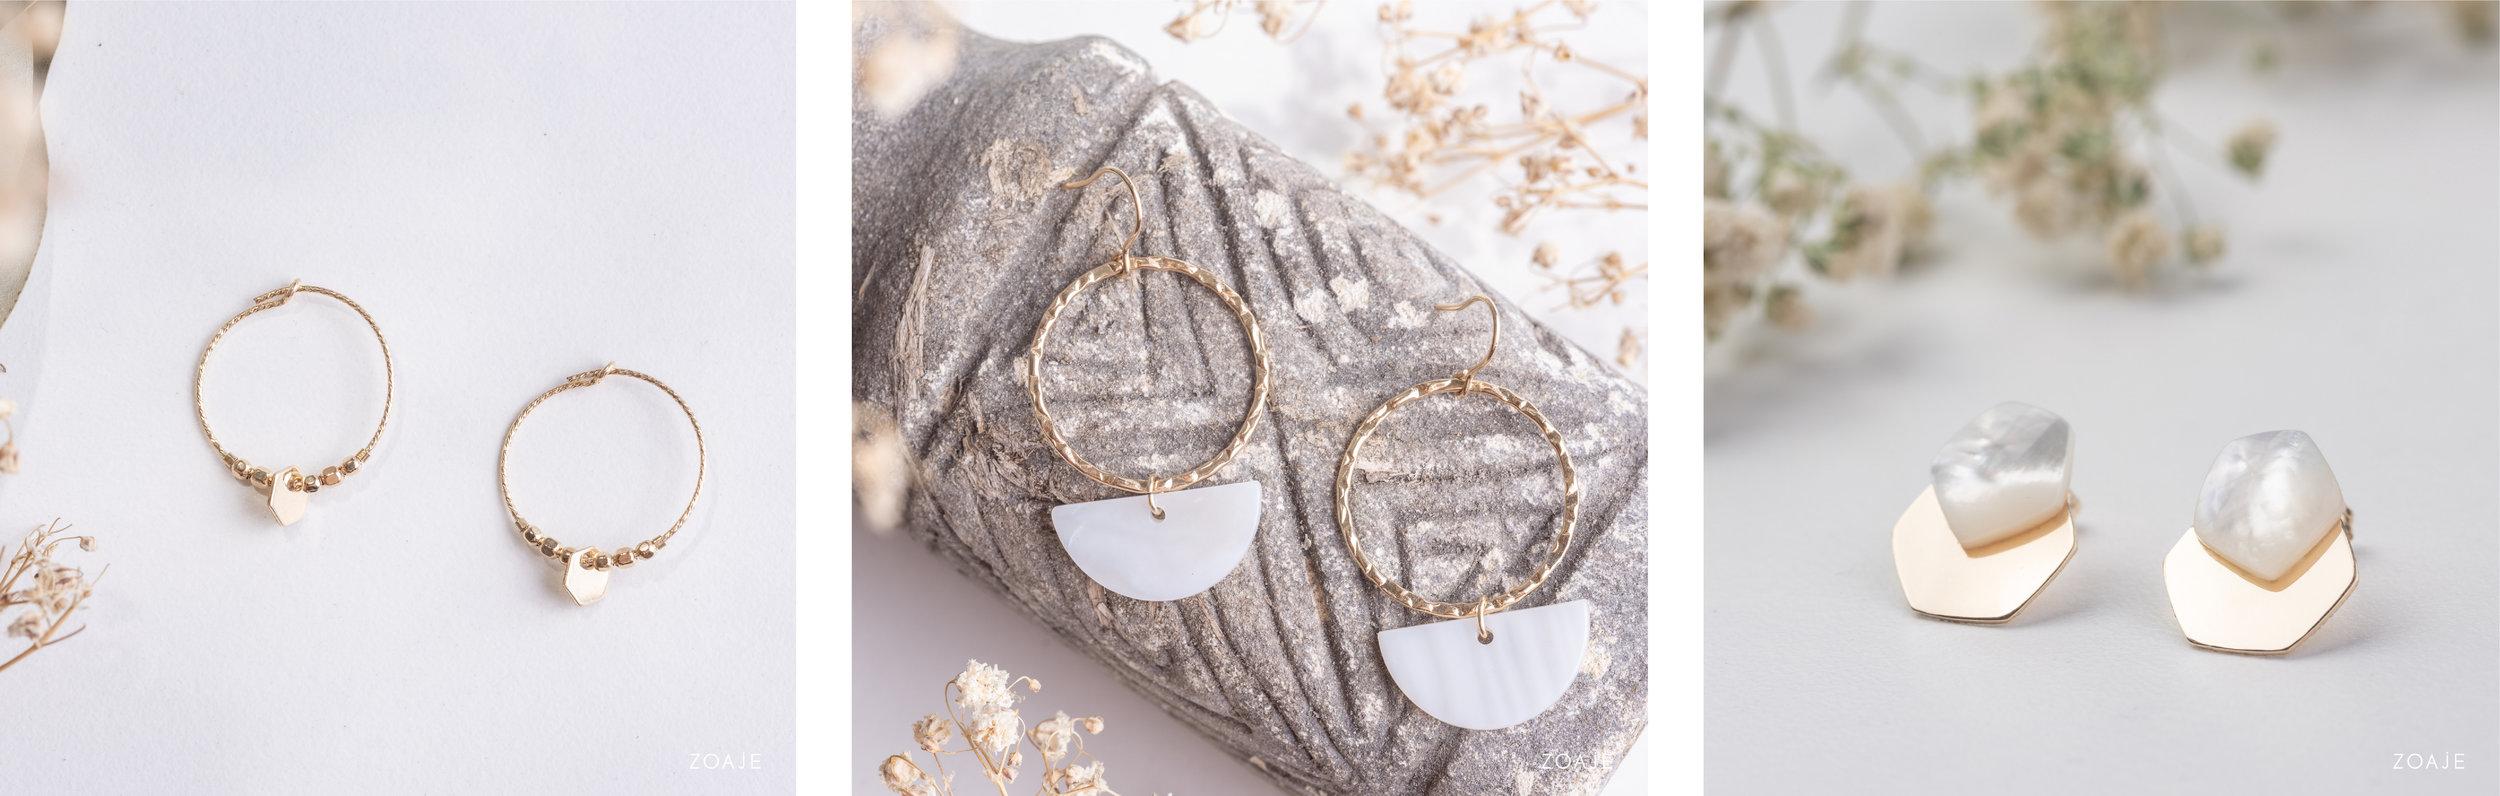 earrings inspoArtboard 1 copy@3x-100.jpg